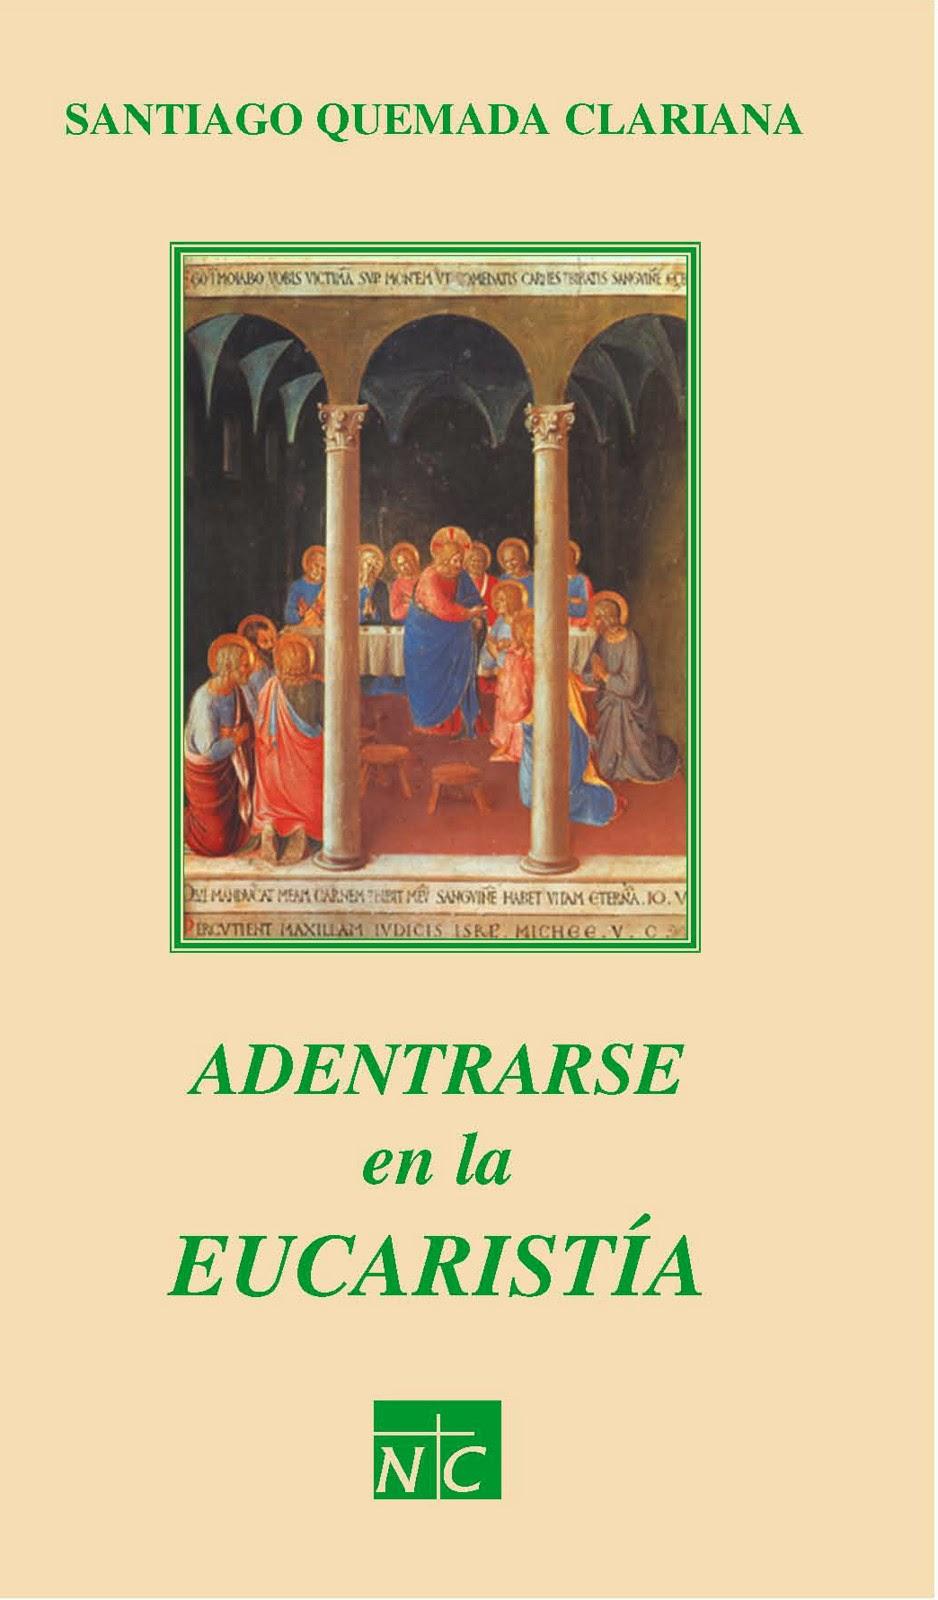 Adentrarse en la Eucaristía